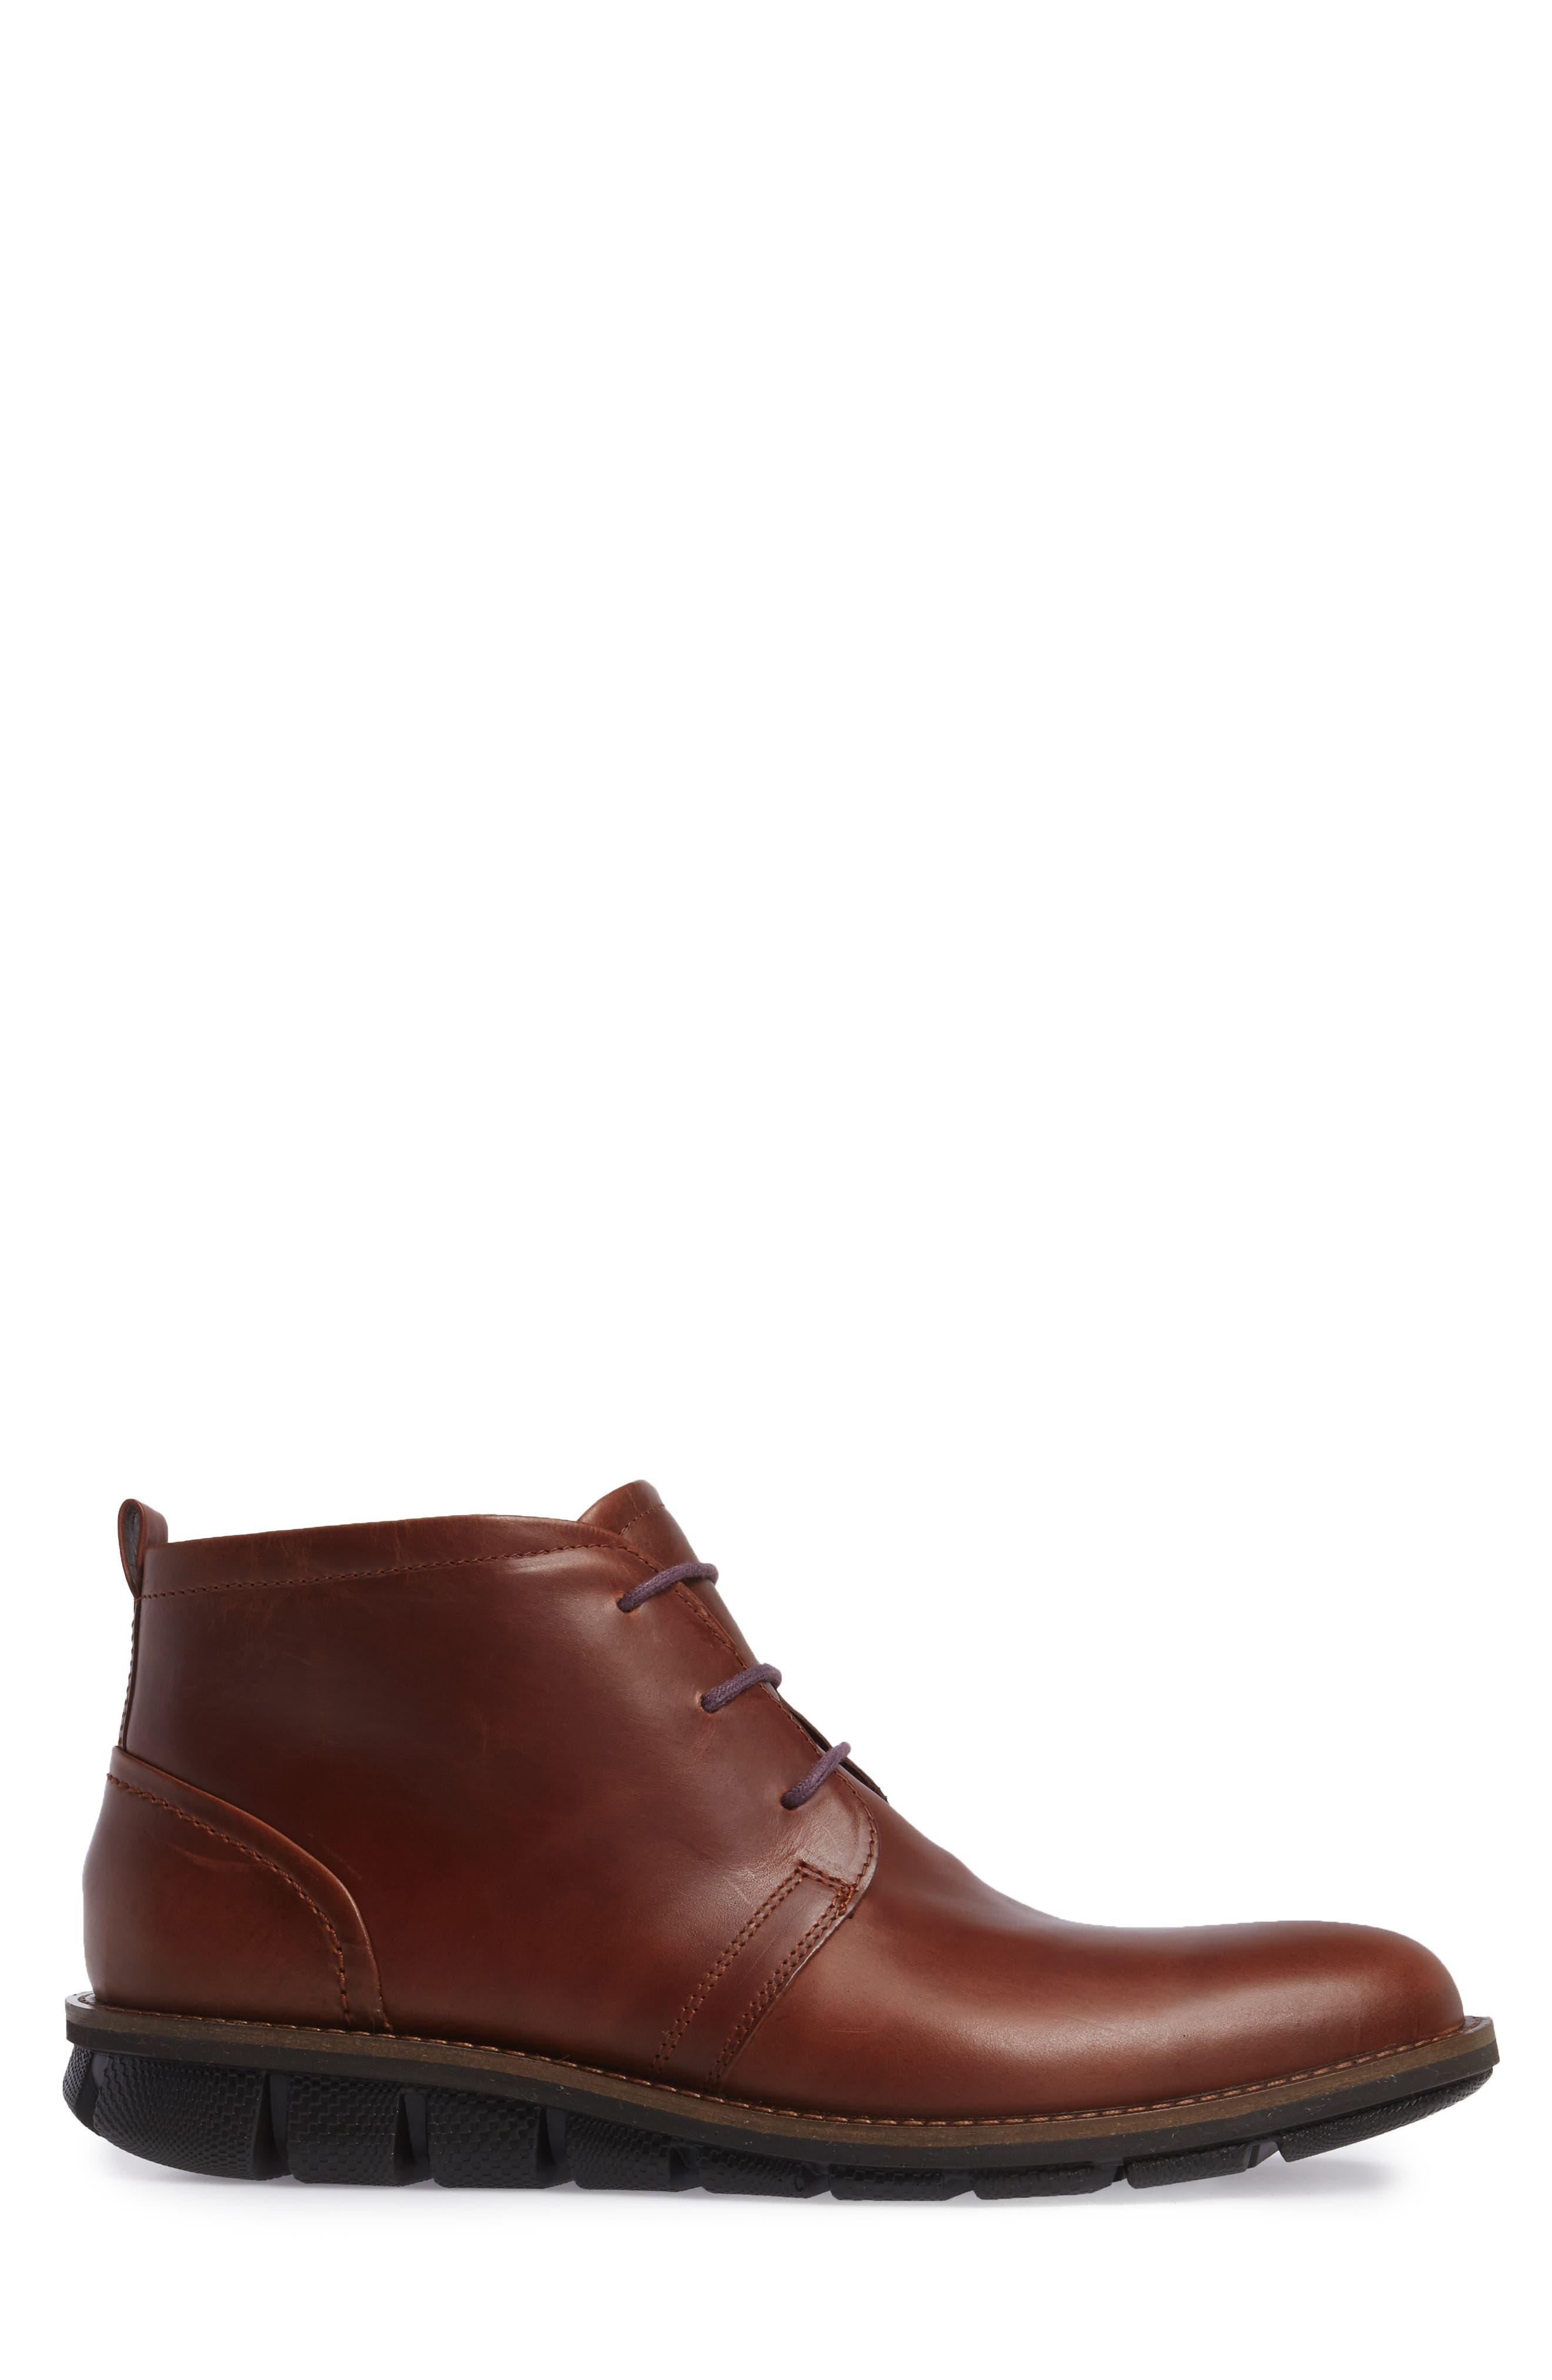 'Jeremy Hybrid' Plain Toe Boot,                             Alternate thumbnail 12, color,